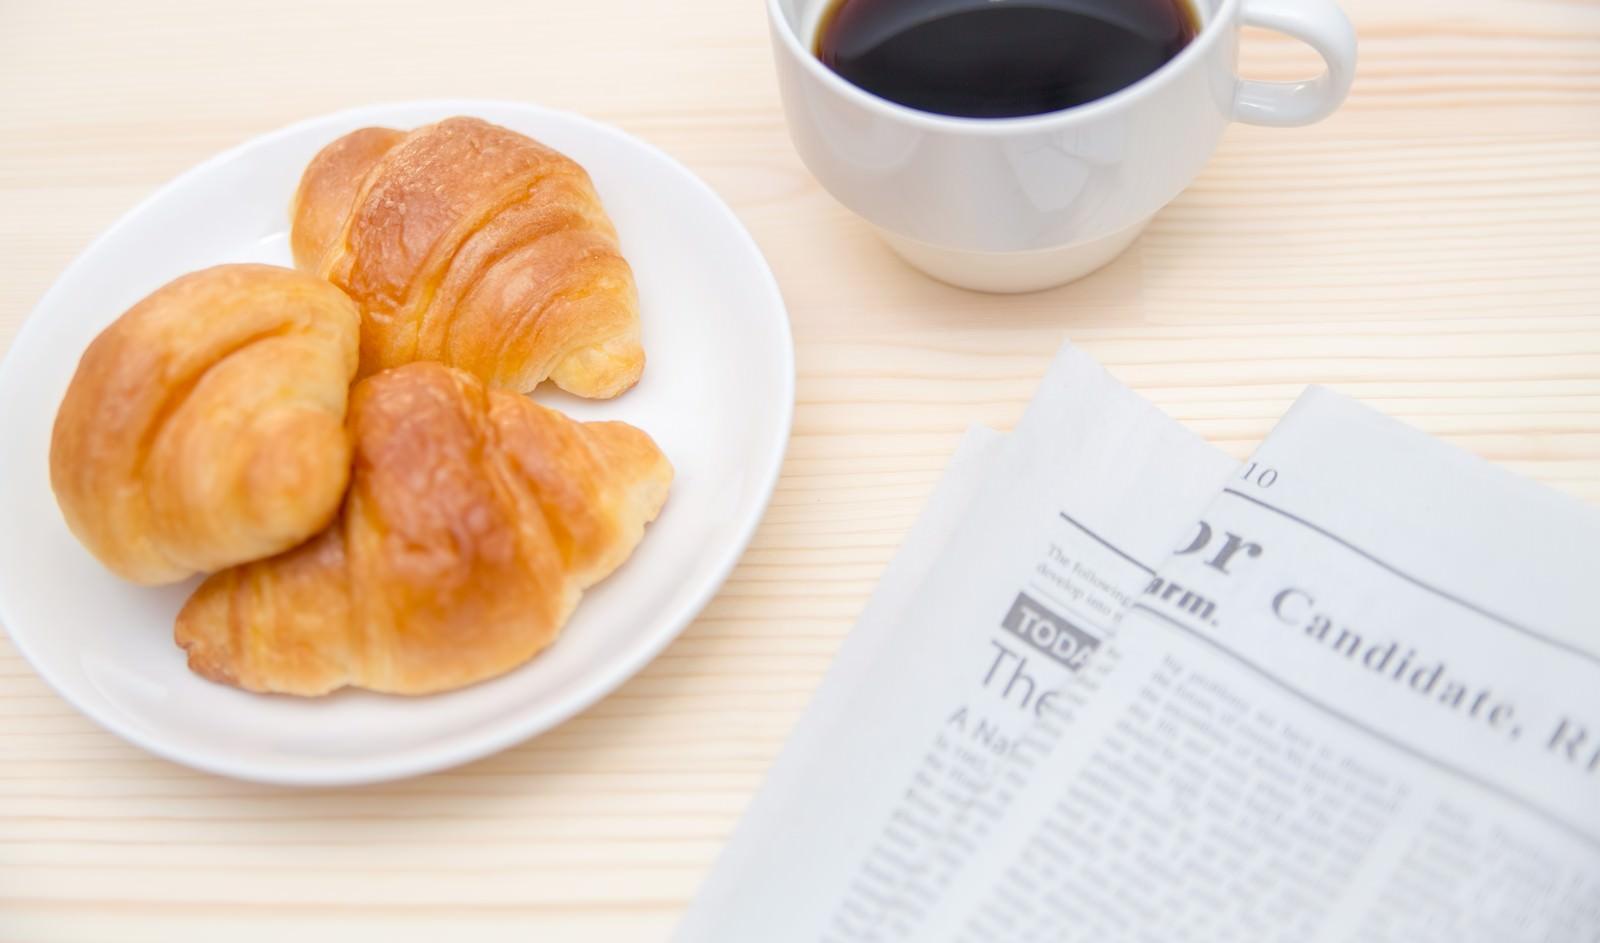 「クロワッサンとコーヒー、英文の新聞」の写真